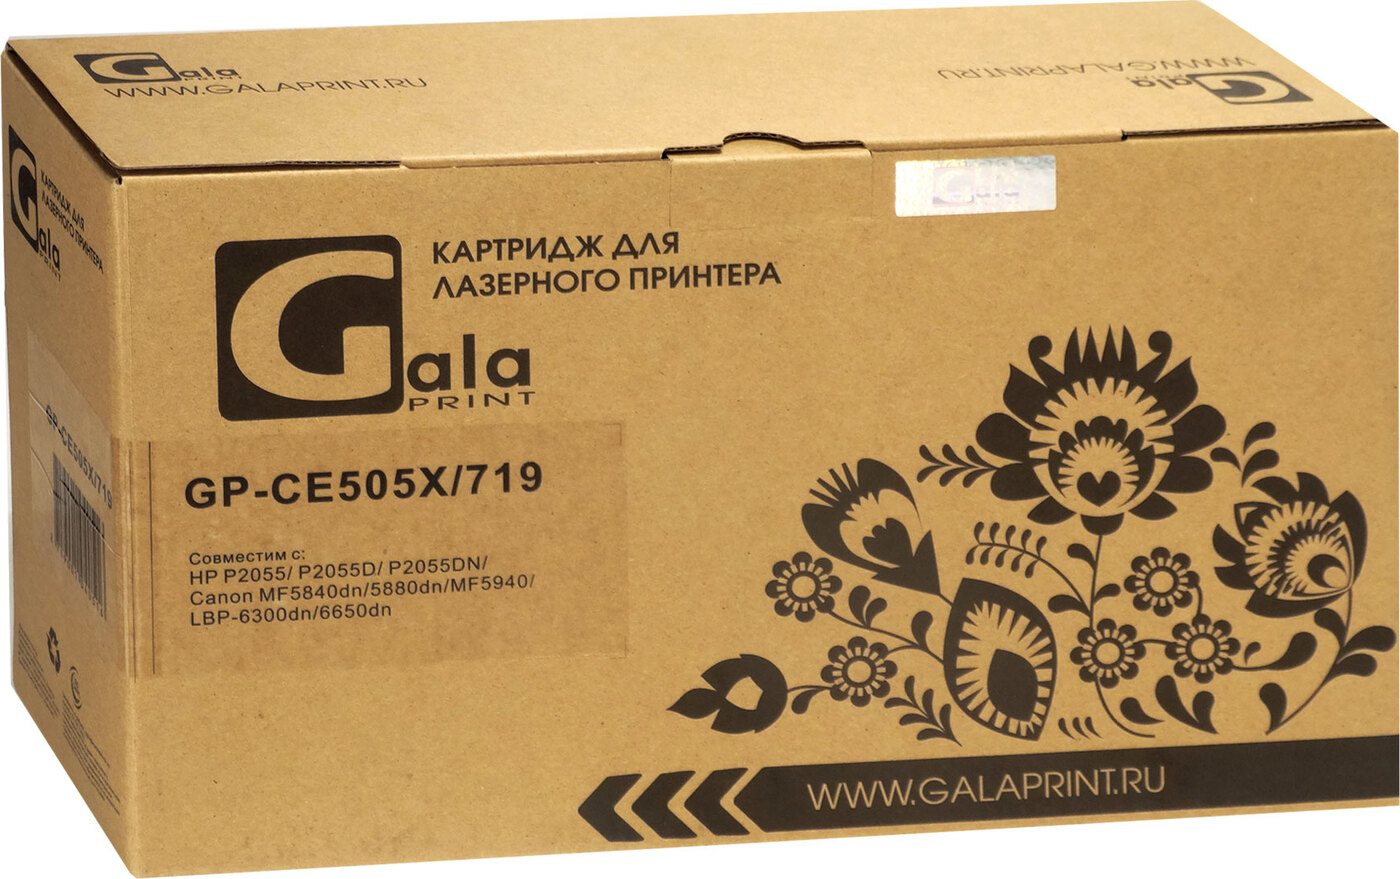 Картридж GalaPrint GP-CE505X/719H/720